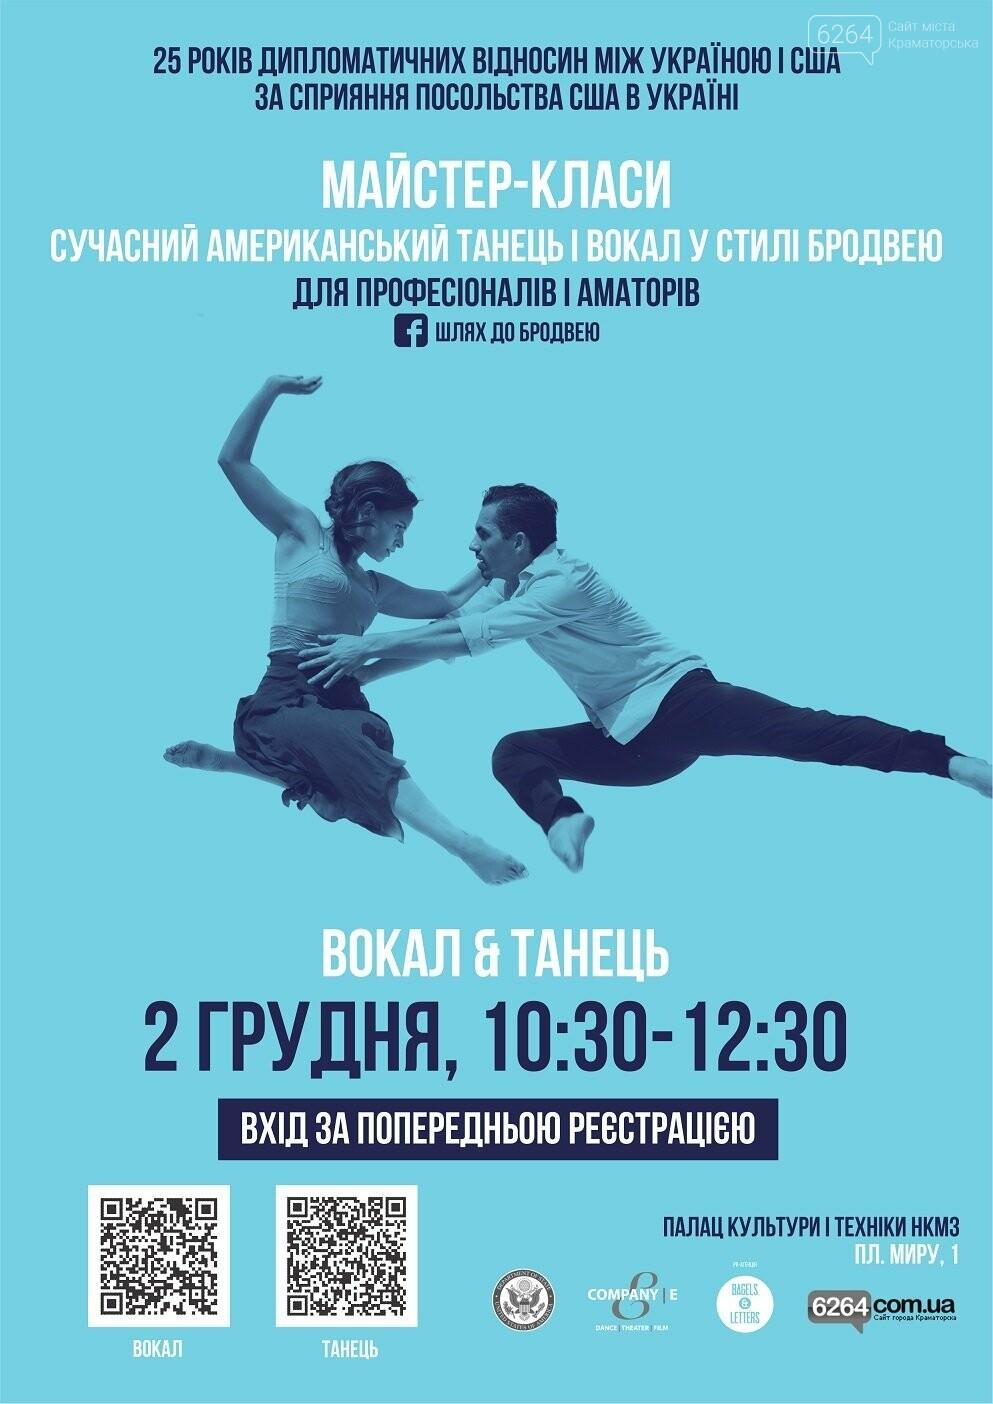 Американские артисты проведут в Краматорске бесплатные мастер-классы и кастинги для вокалистов и танцоров, фото-2